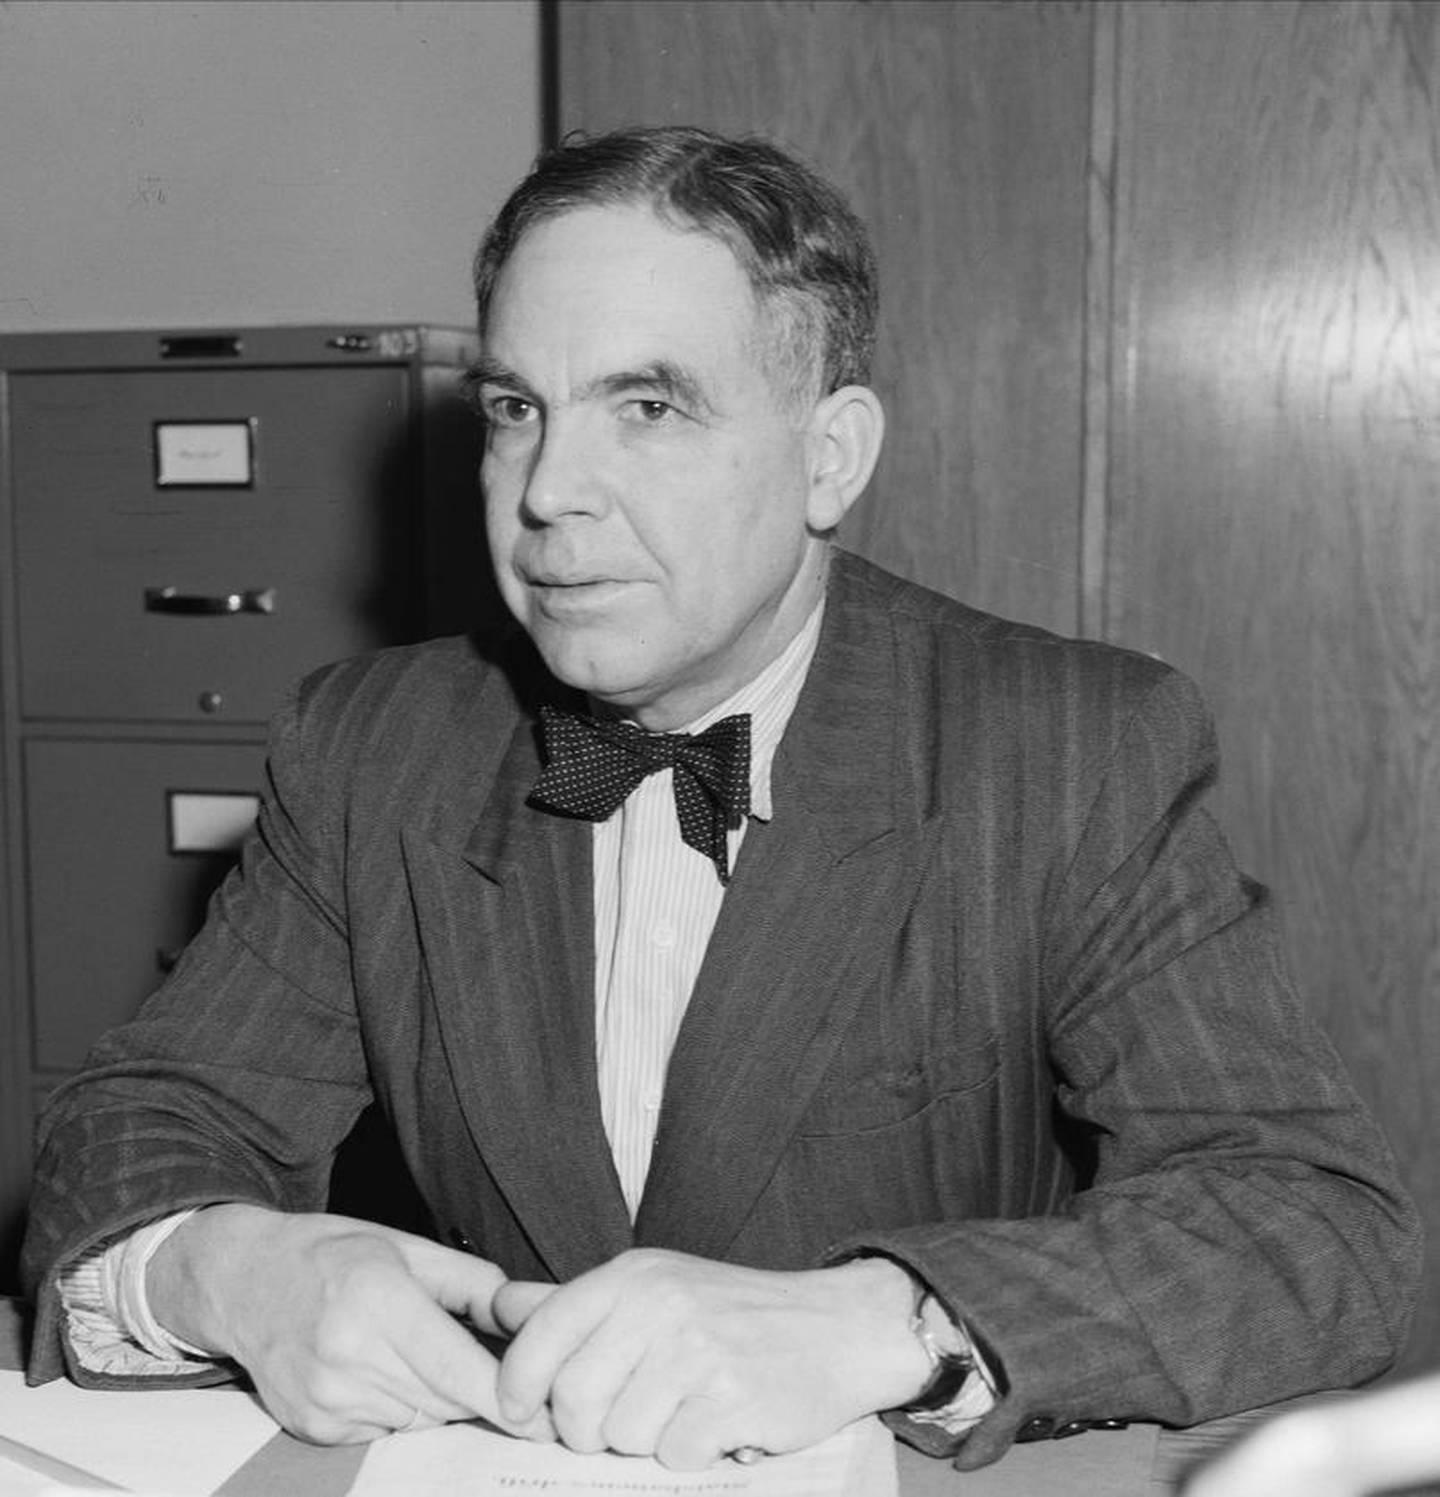 Motdagisten og Arbeiderpartipolitikeren Trond Hegna var positiv til et sosialistisk partnerskap mellom Ap og KrF i den tidlige etterkigstiden.